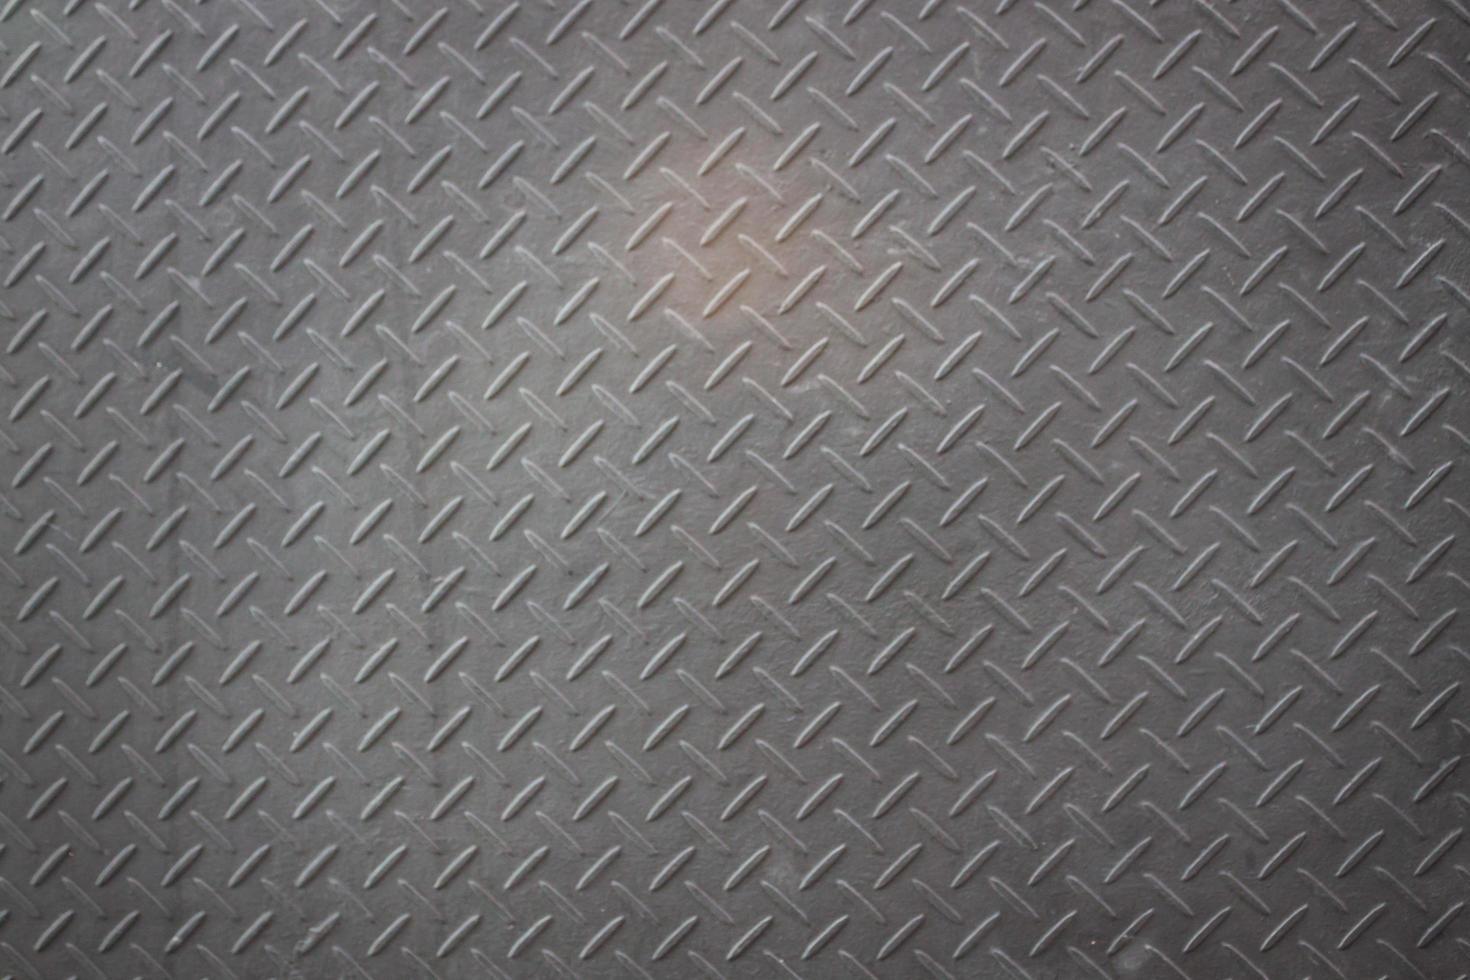 sfondo griglia metallica foto